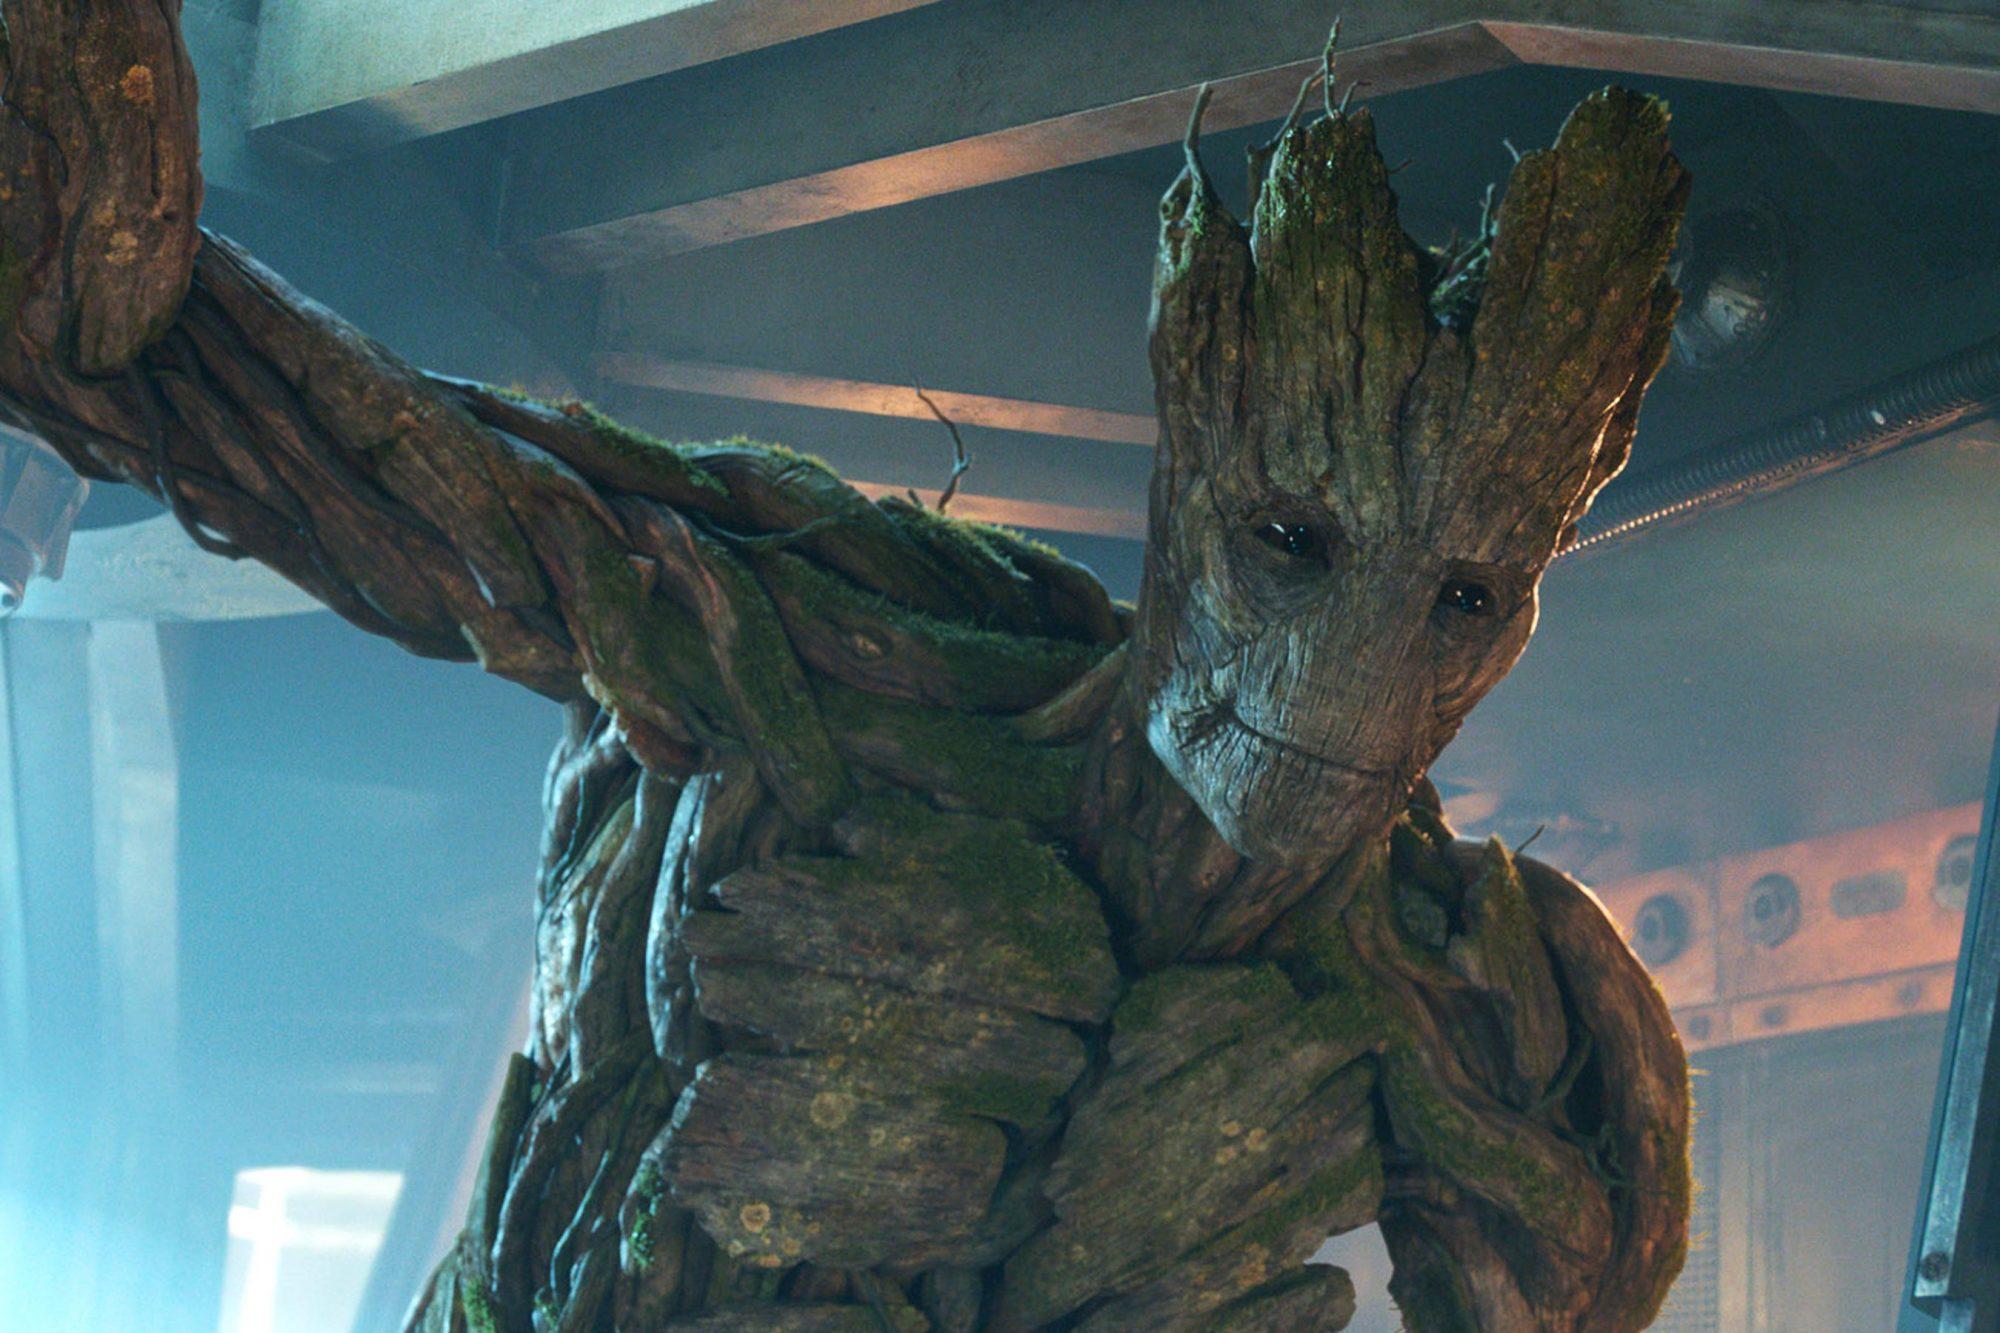 GUARDIANS OF THE GALAXY, Groot (voice: Vin Diesel), 2014. ©Walt Disney Studios Motion